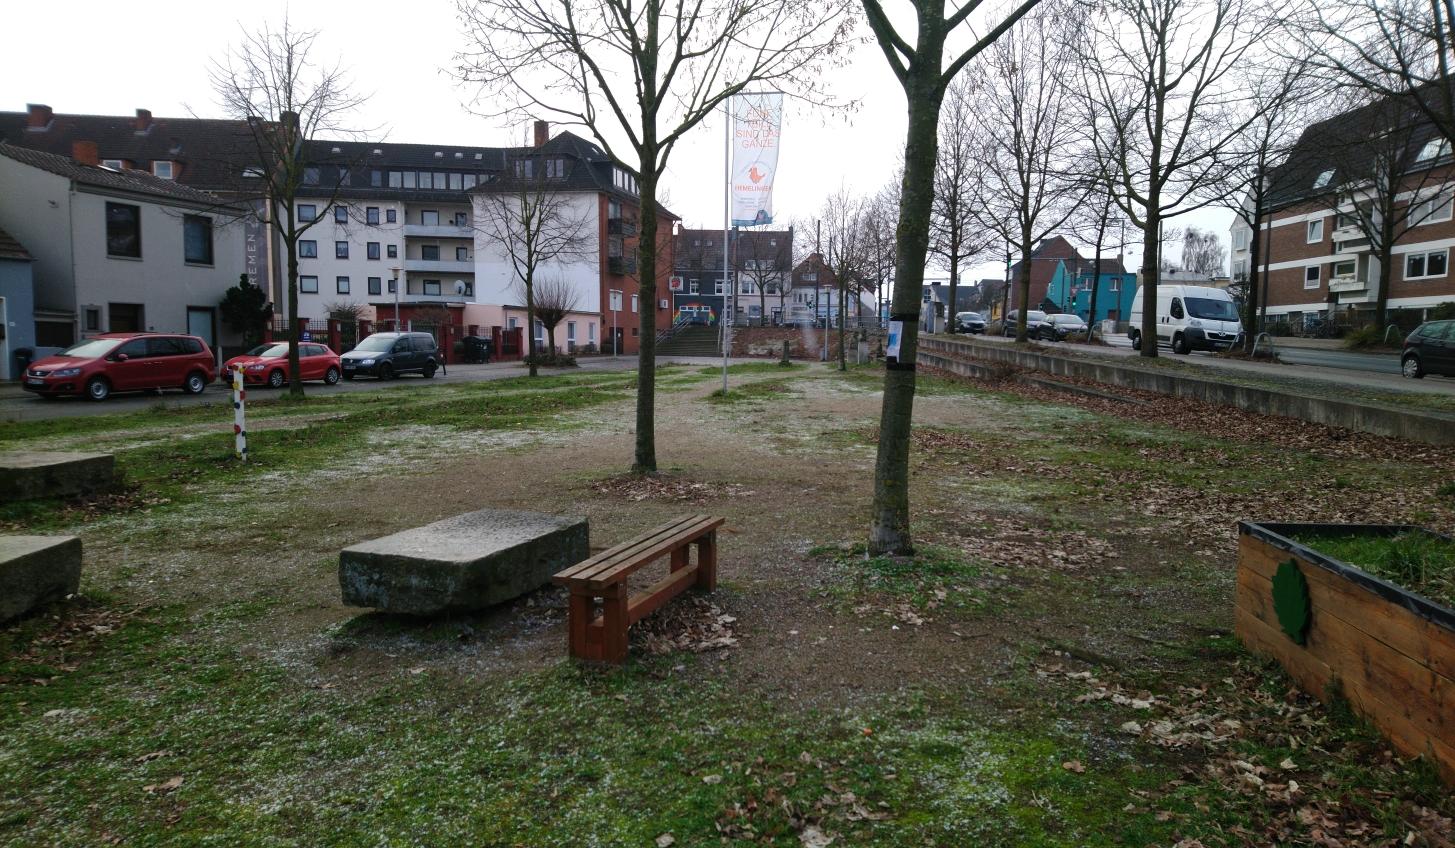 Ein Platz mit Bäumen und Bänken darauf. Der Boden ist teils sandig, teils mit Gras bedeckt.